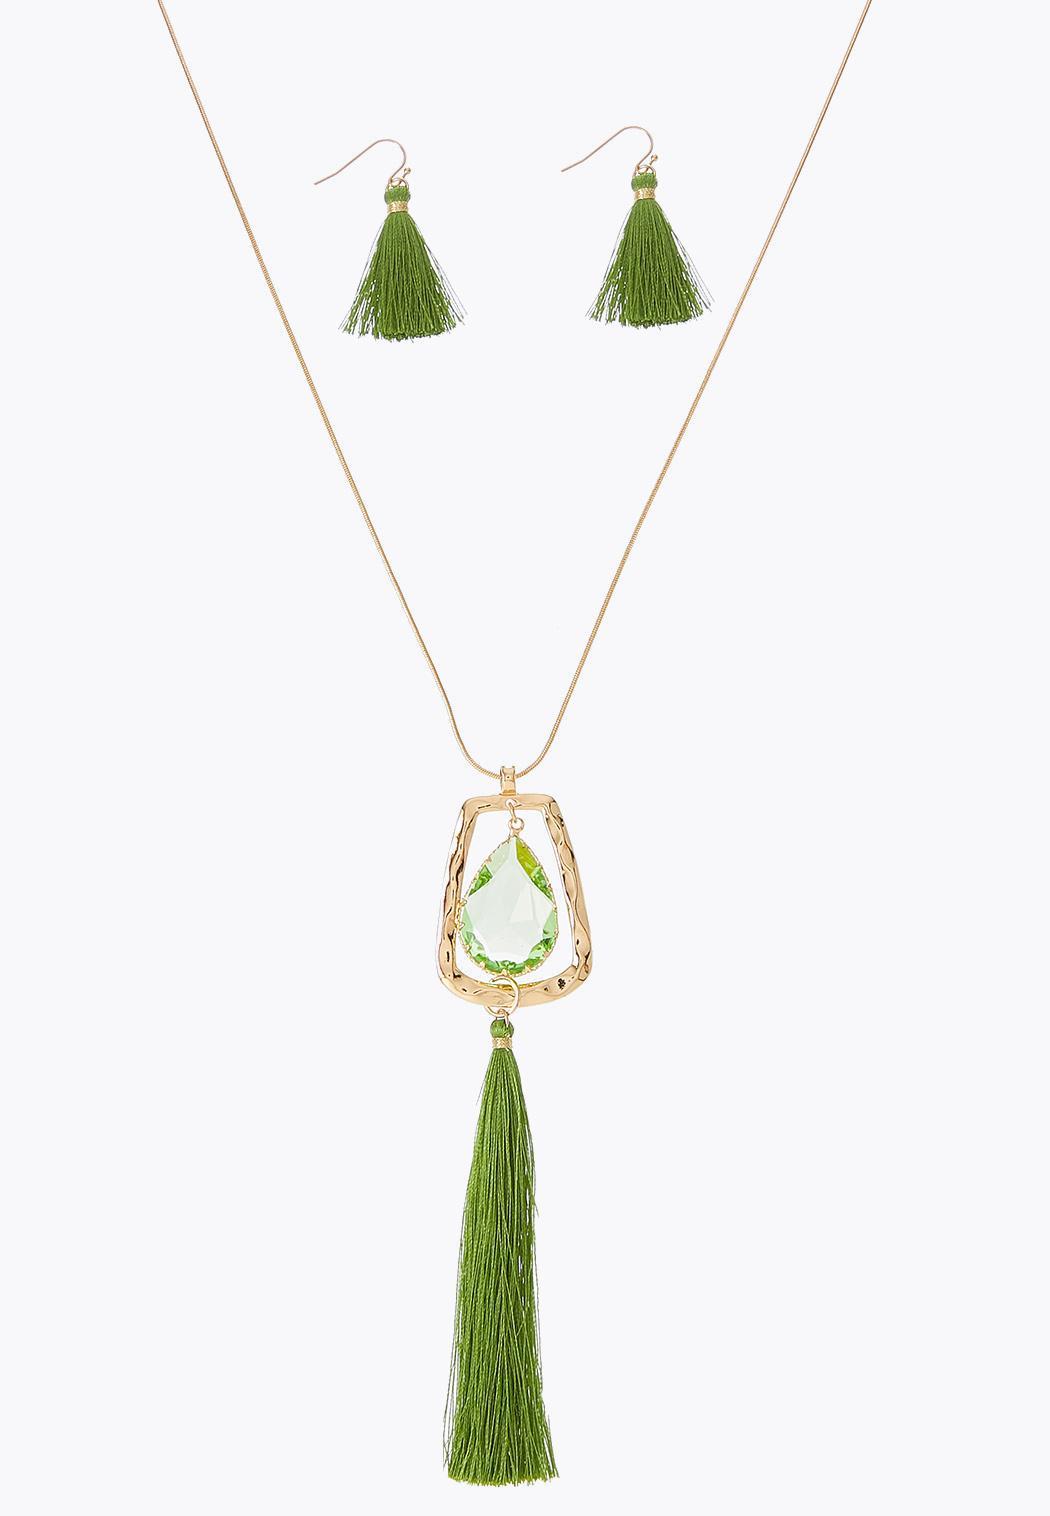 Glass Tassel Necklace Earring Set